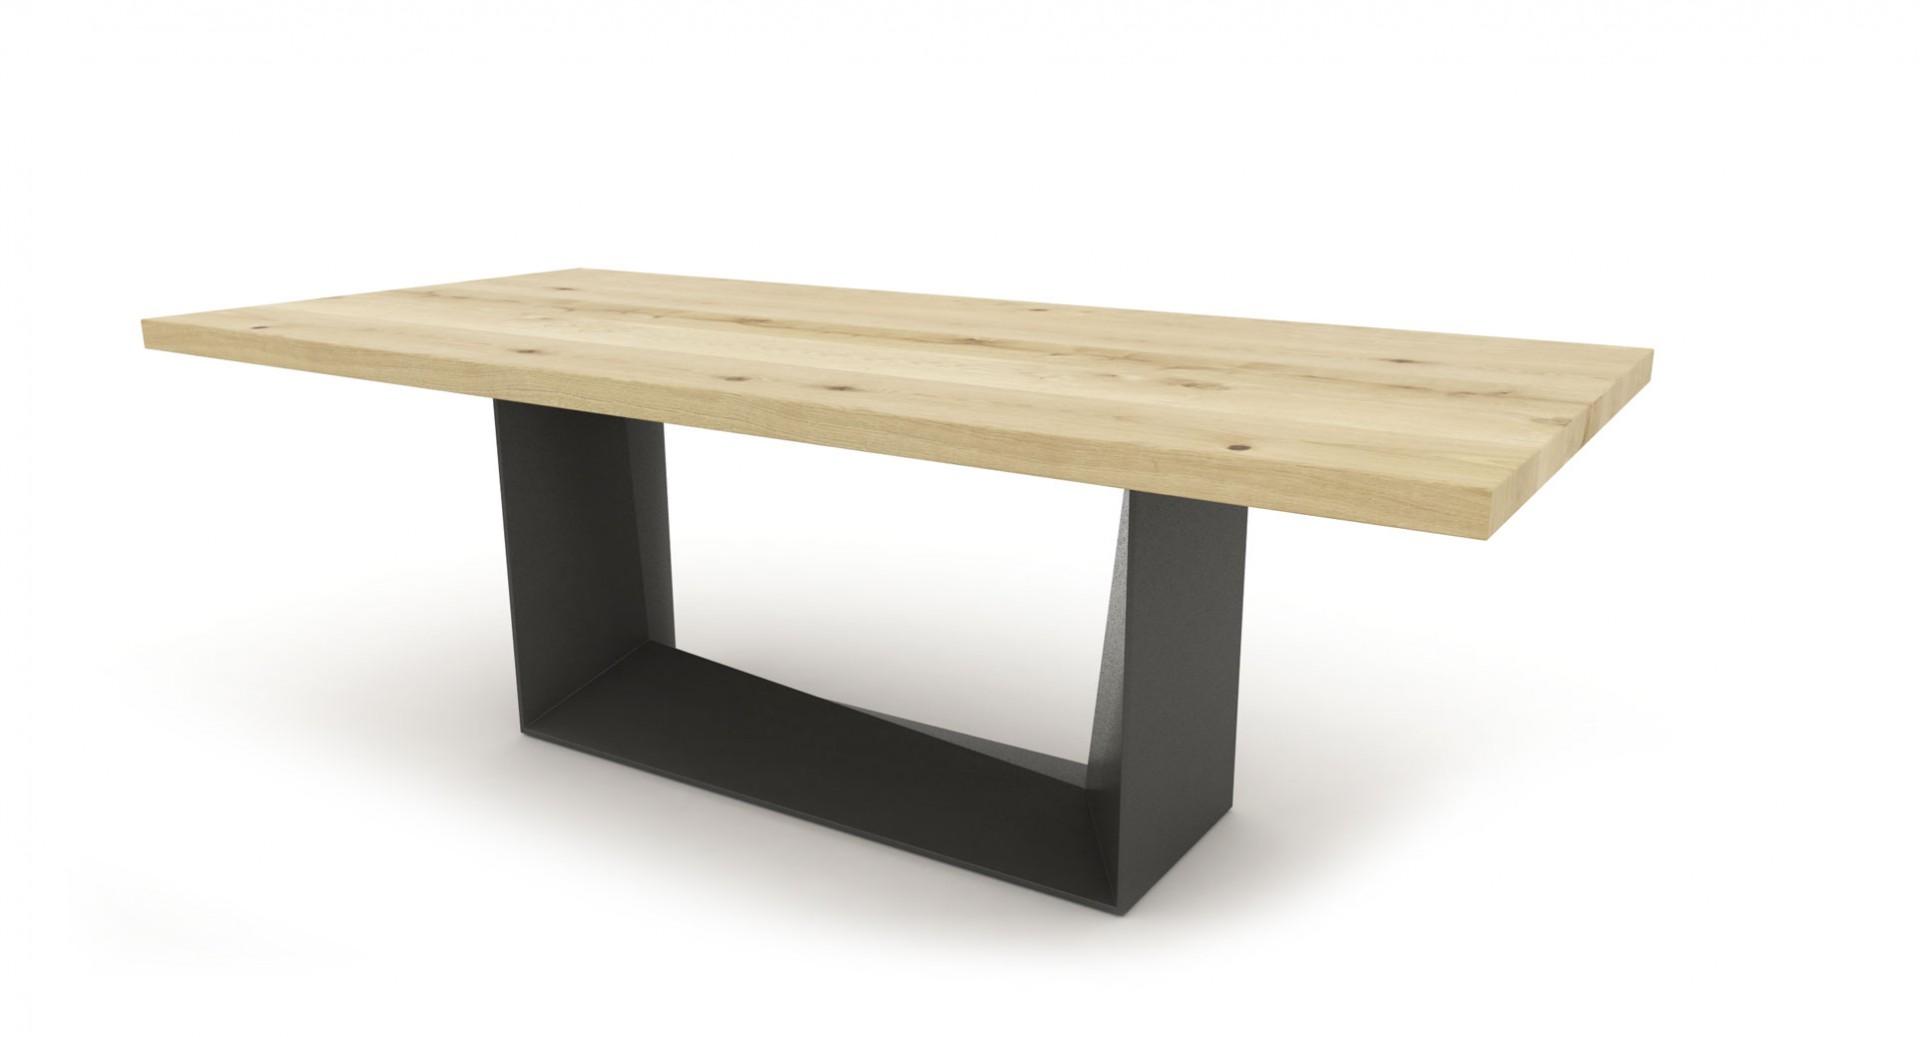 Jedálenský stôl MATE, masívny dub + čierna oceľ, jedálenský stôl z masívneho dreva, masívny dubový stôl, masívny drevený stôl cubica